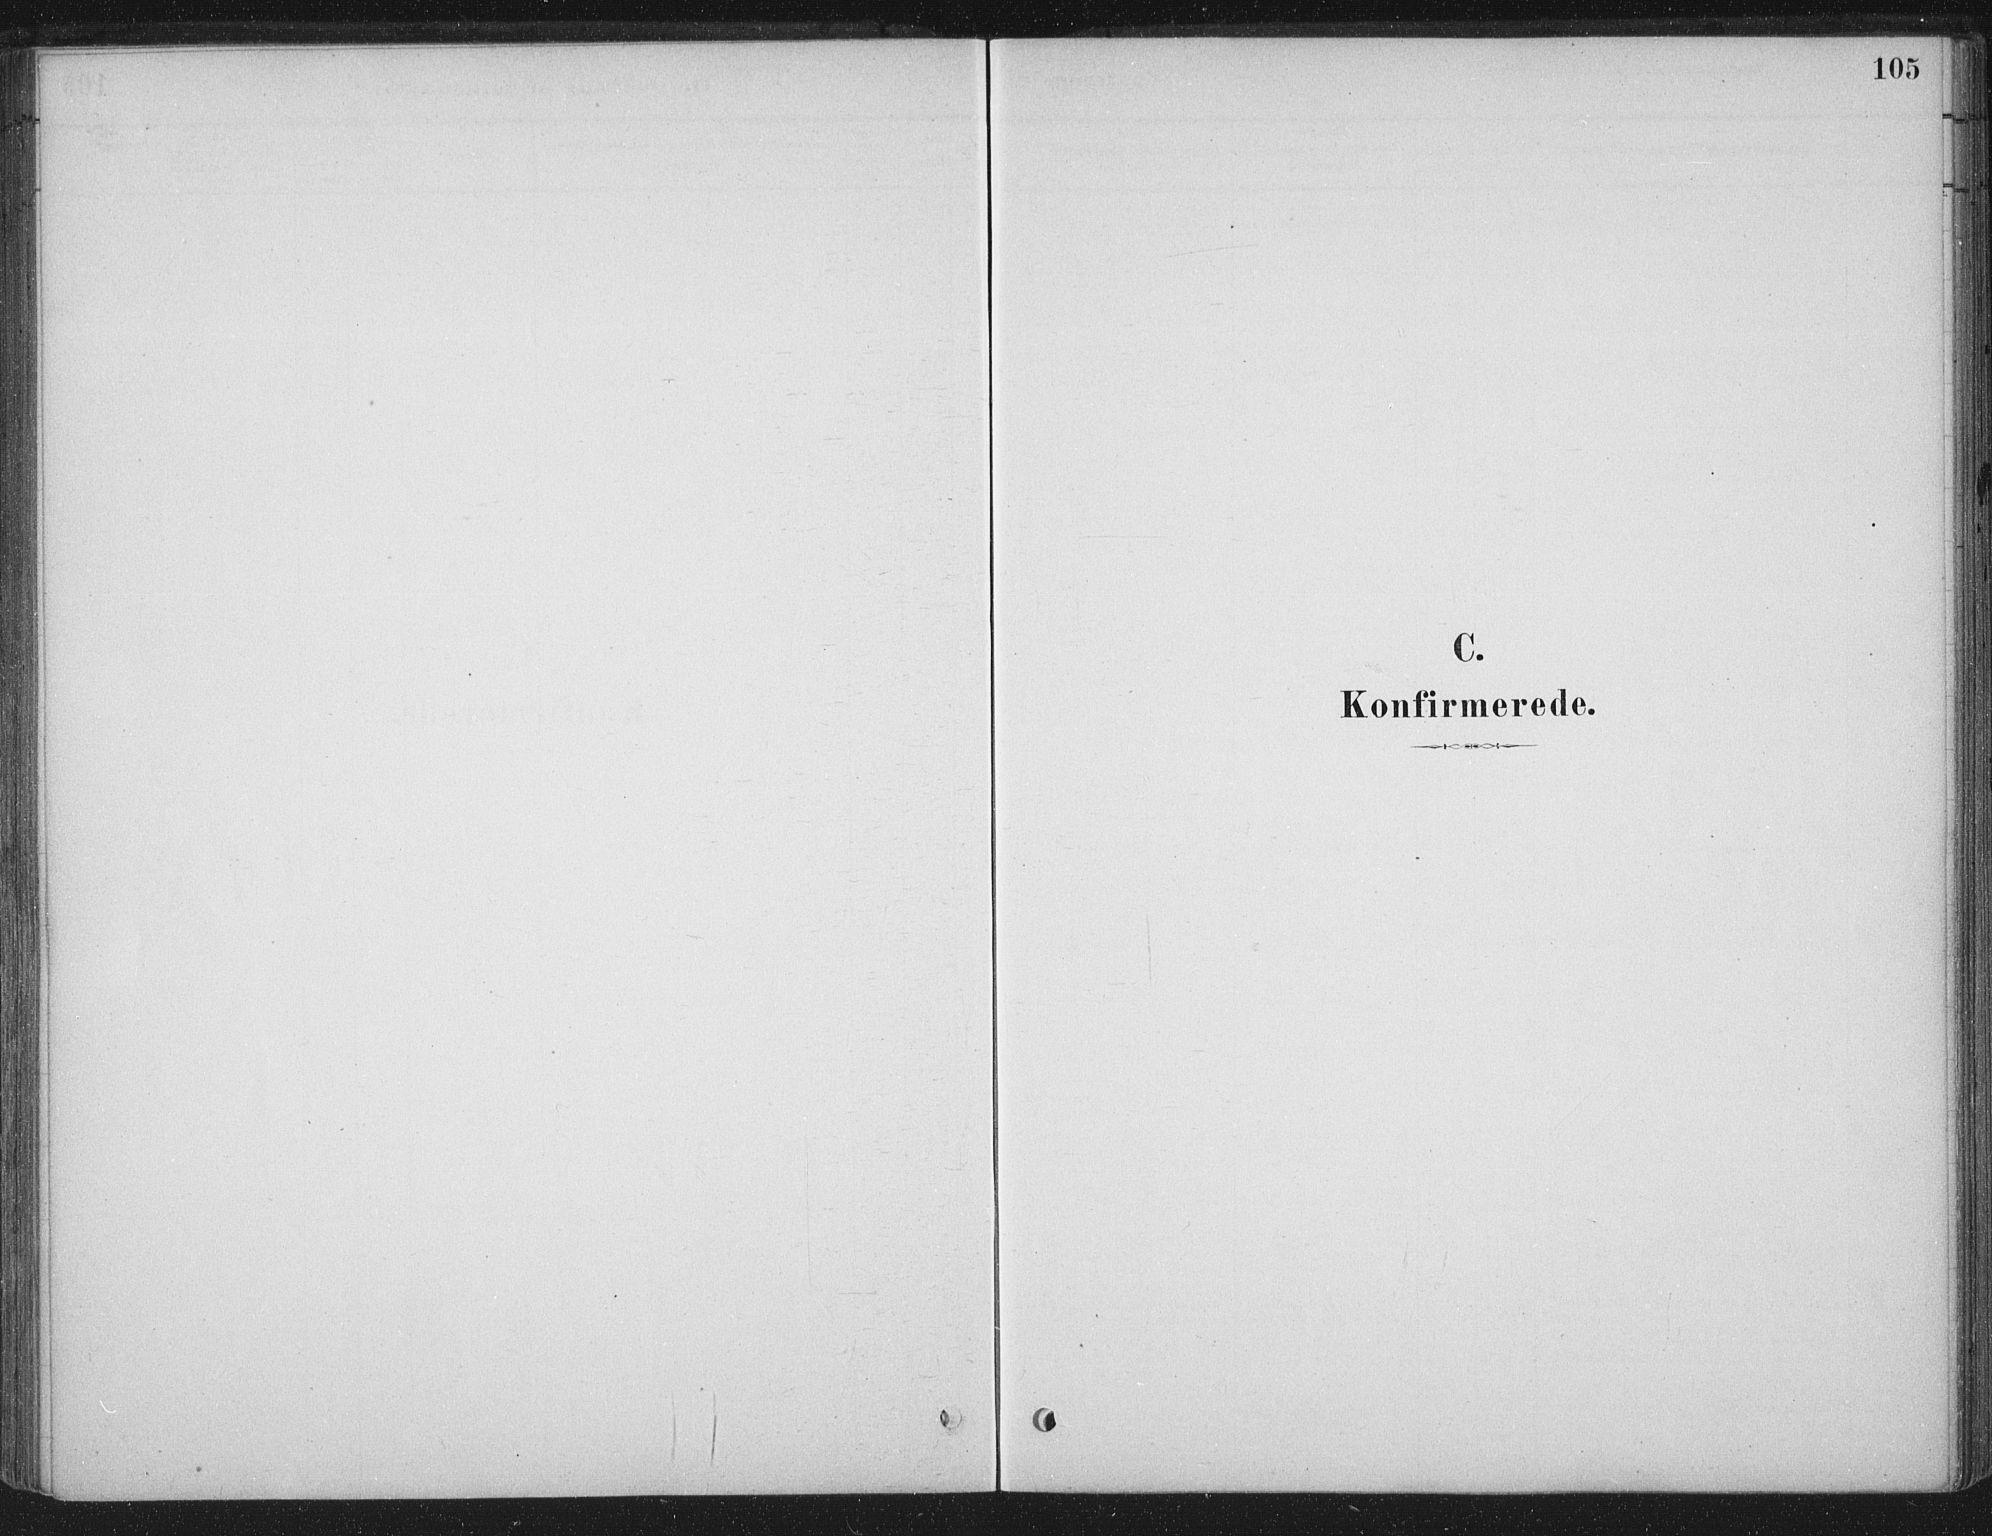 SAT, Ministerialprotokoller, klokkerbøker og fødselsregistre - Sør-Trøndelag, 662/L0755: Ministerialbok nr. 662A01, 1879-1905, s. 105